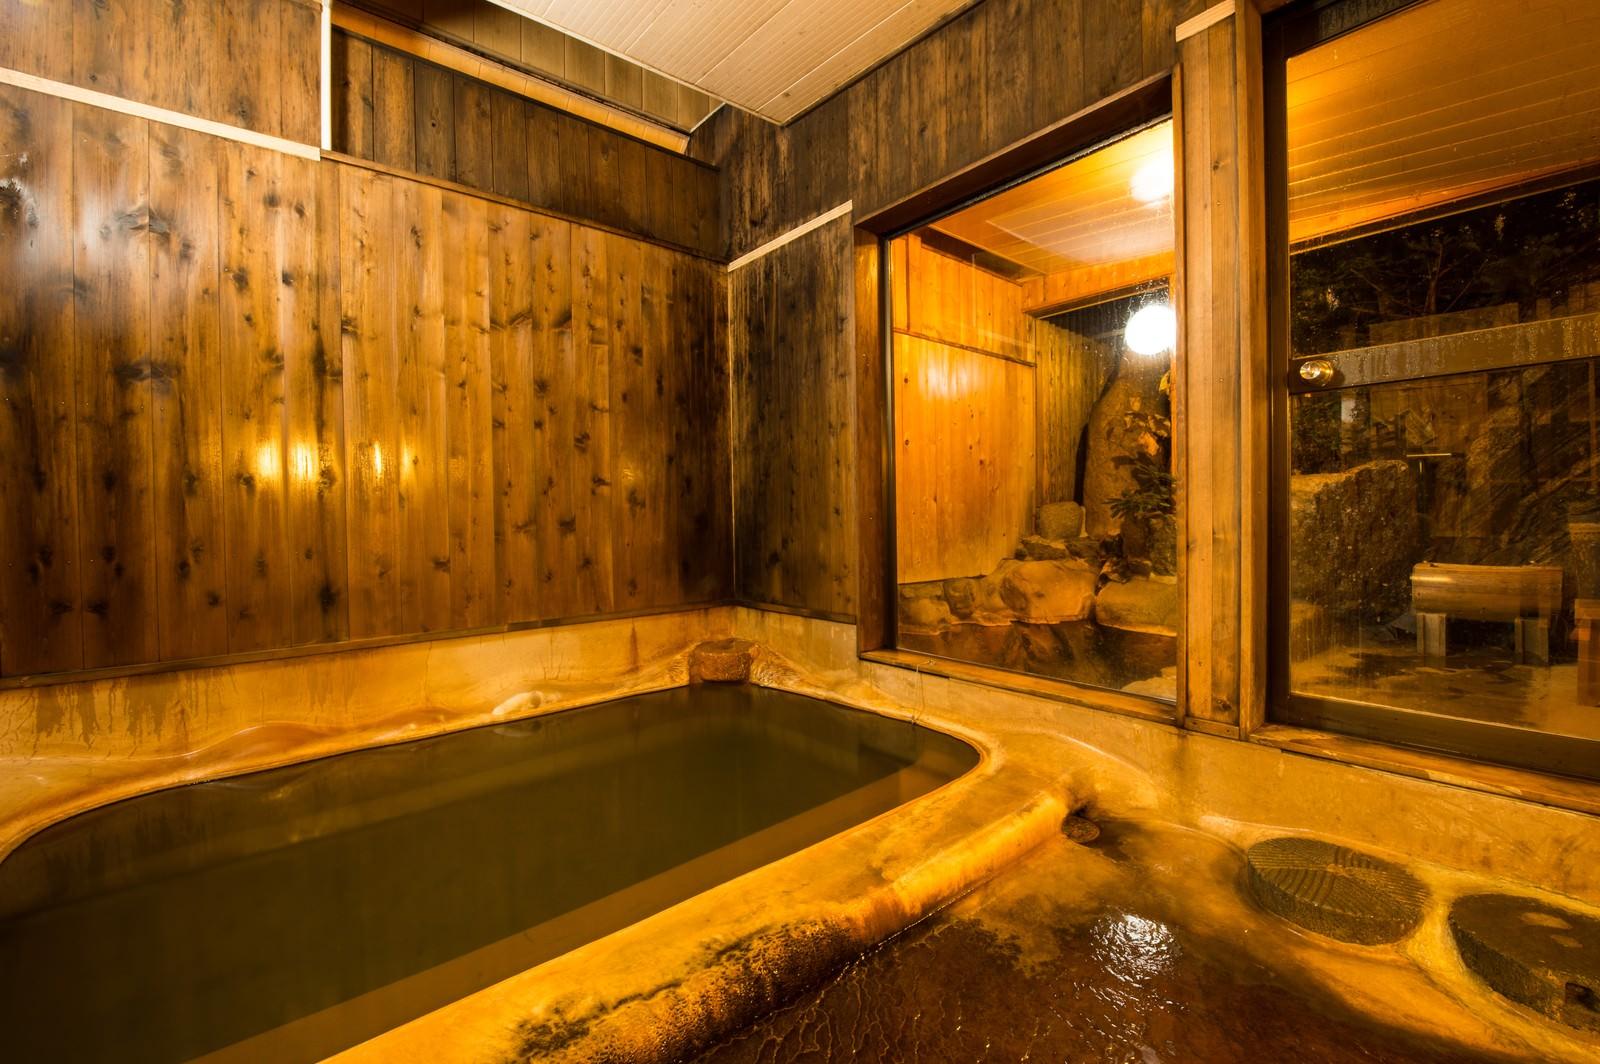 「レトロな雰囲気が心地よい栄太郎の源泉かけ流しの内湯」の写真